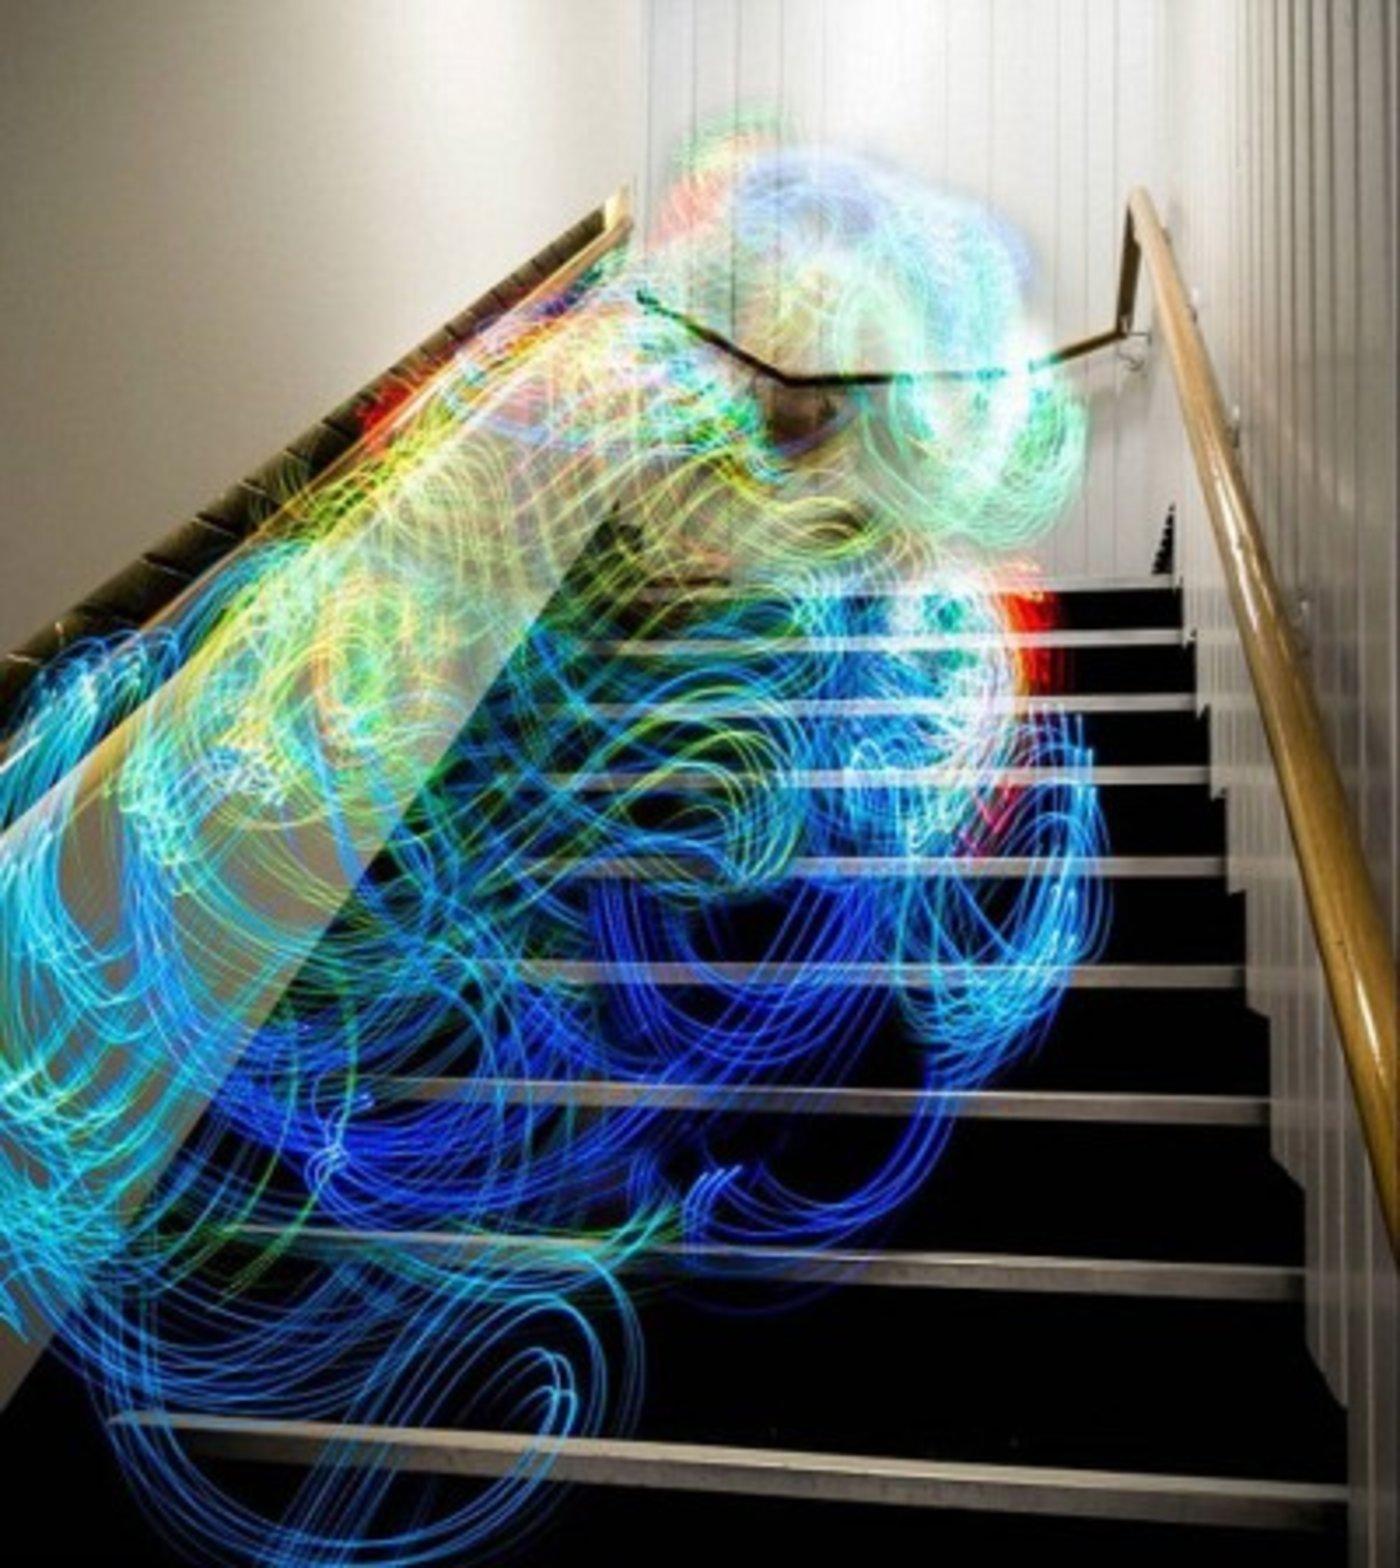 wifi信号原来是这个样子滴,色彩绚丽飘忽似幽灵